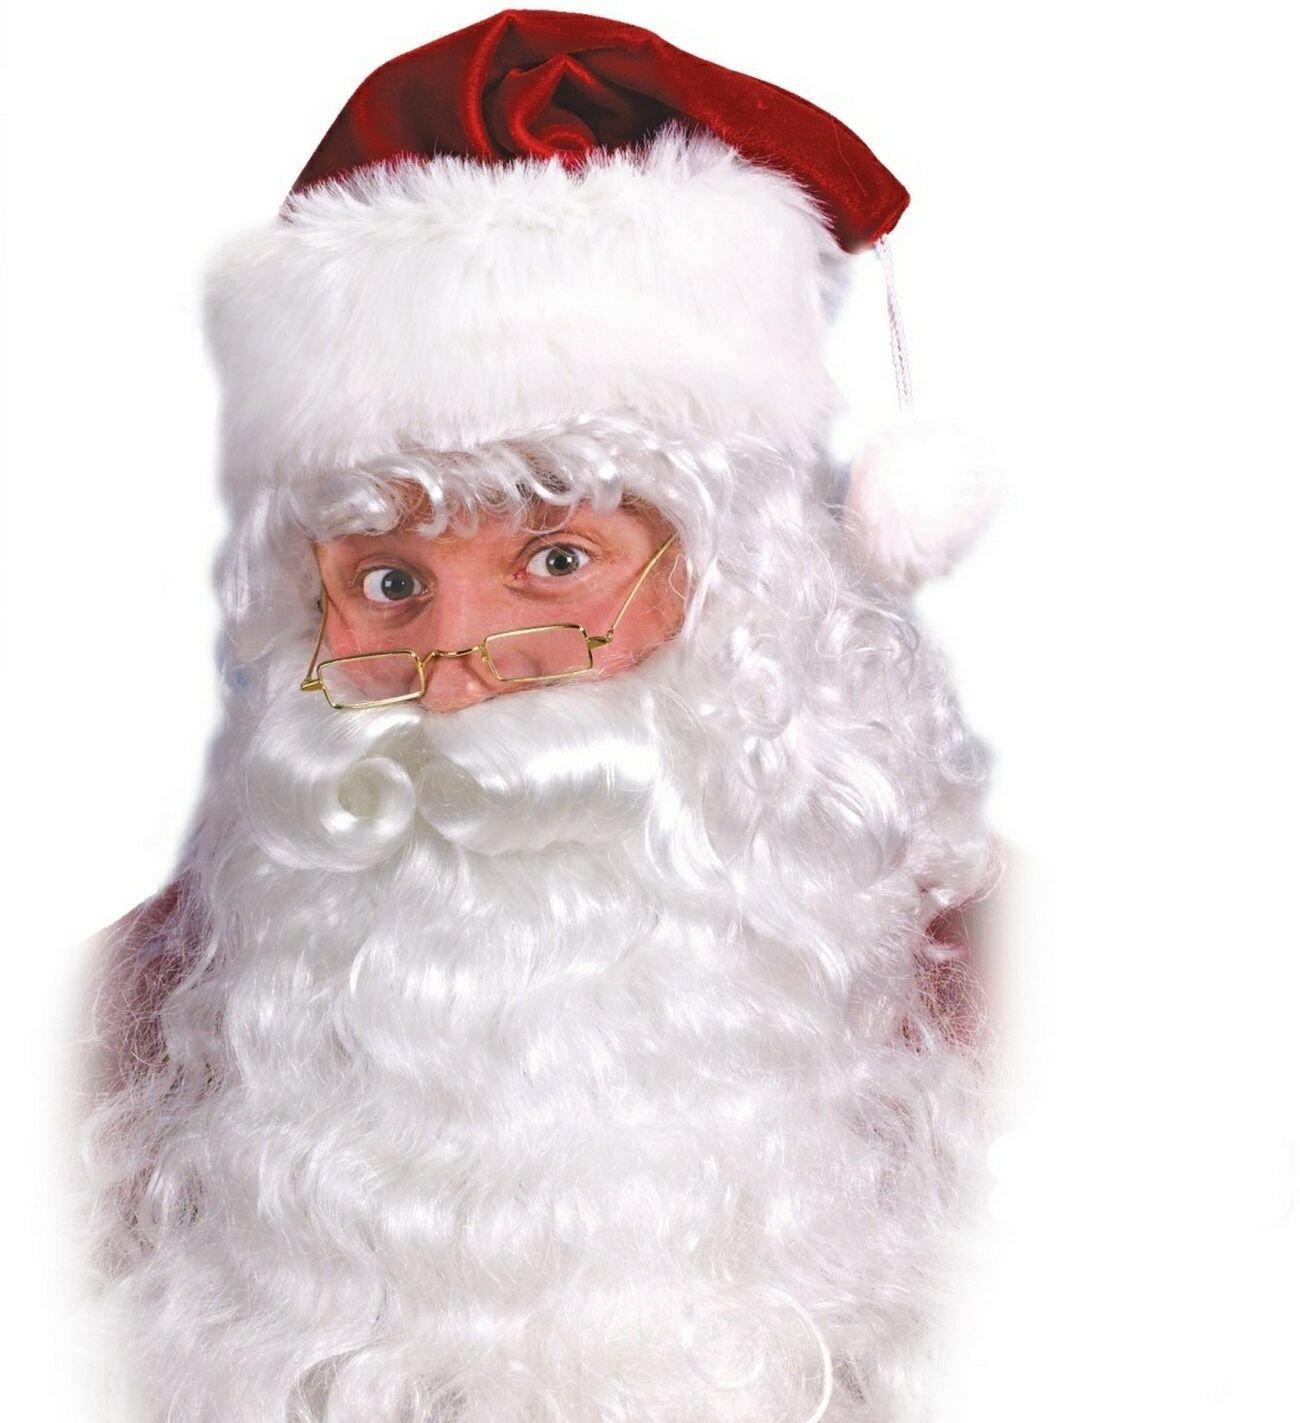 professional quality white santa claus father christmas wig beard and eyebrow set amazoncouk toys games - White Santa Claus